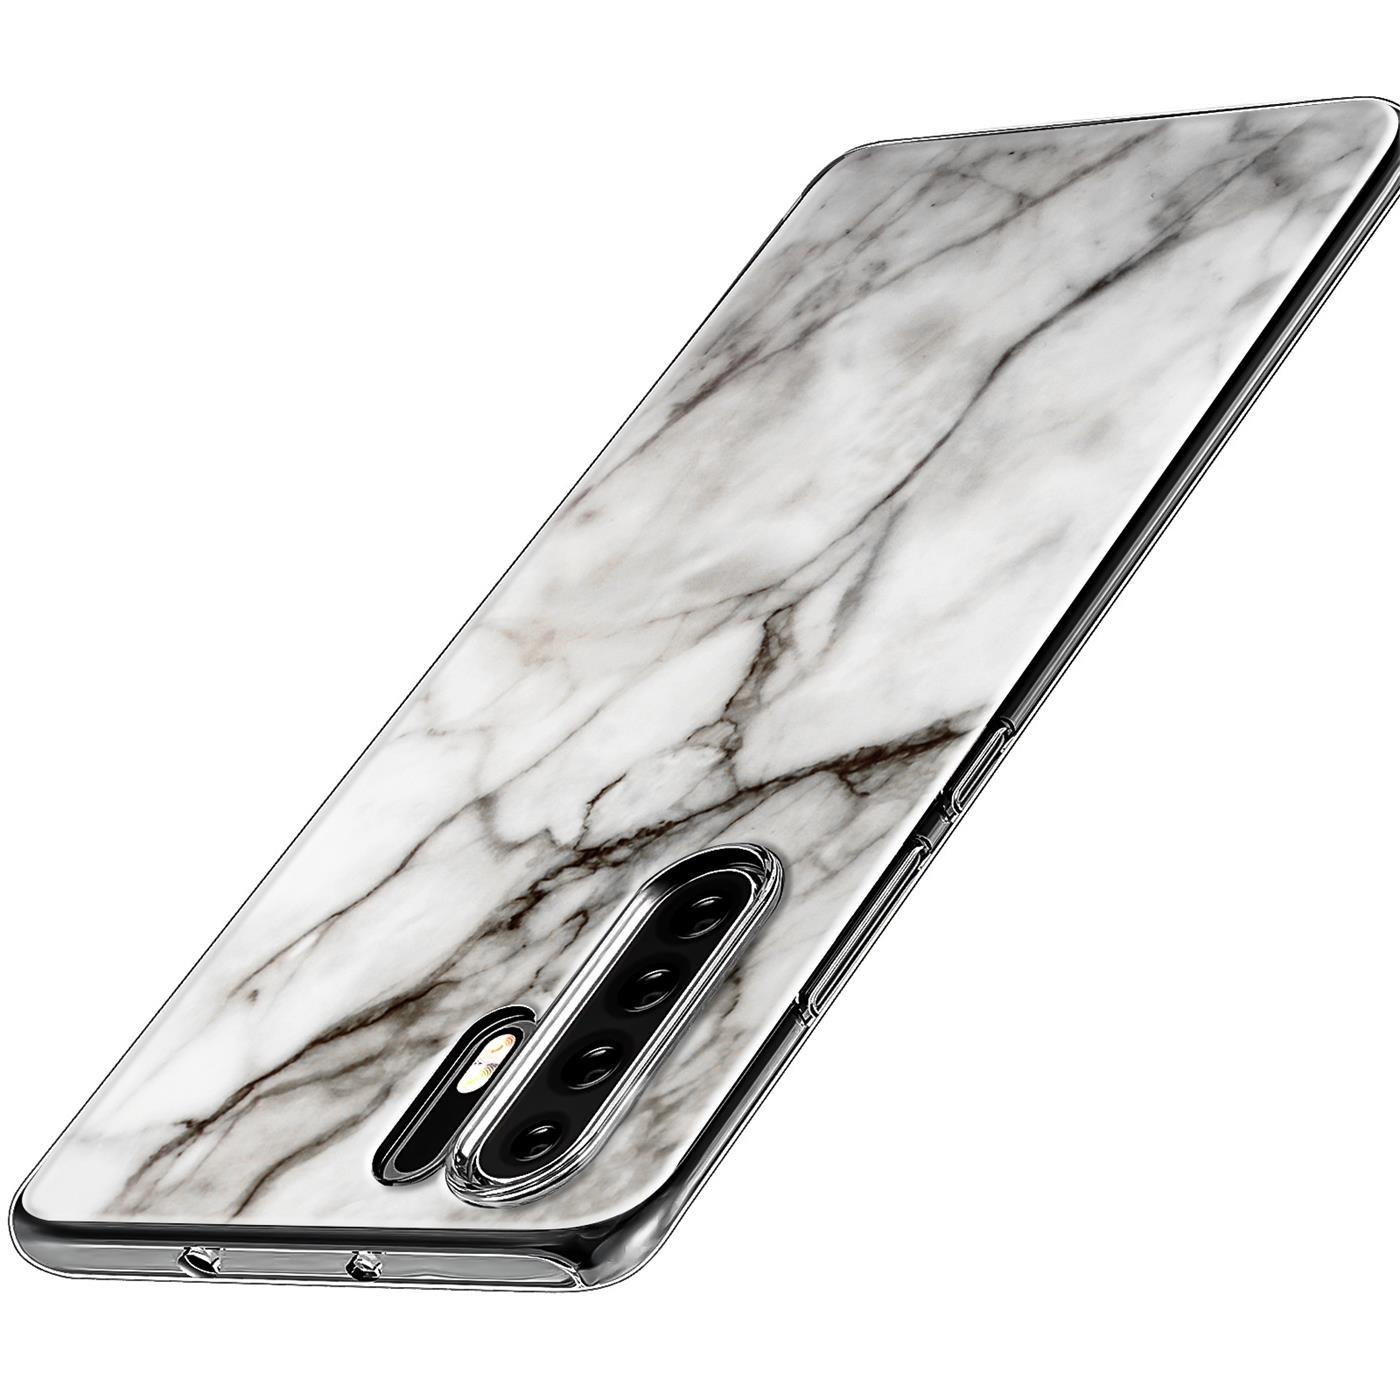 Huawei-P30-Lite-Motiv-Handy-Huelle-Silikon-Tasche-Schutzhuelle-Cover-Slim-TPU-Case Indexbild 45